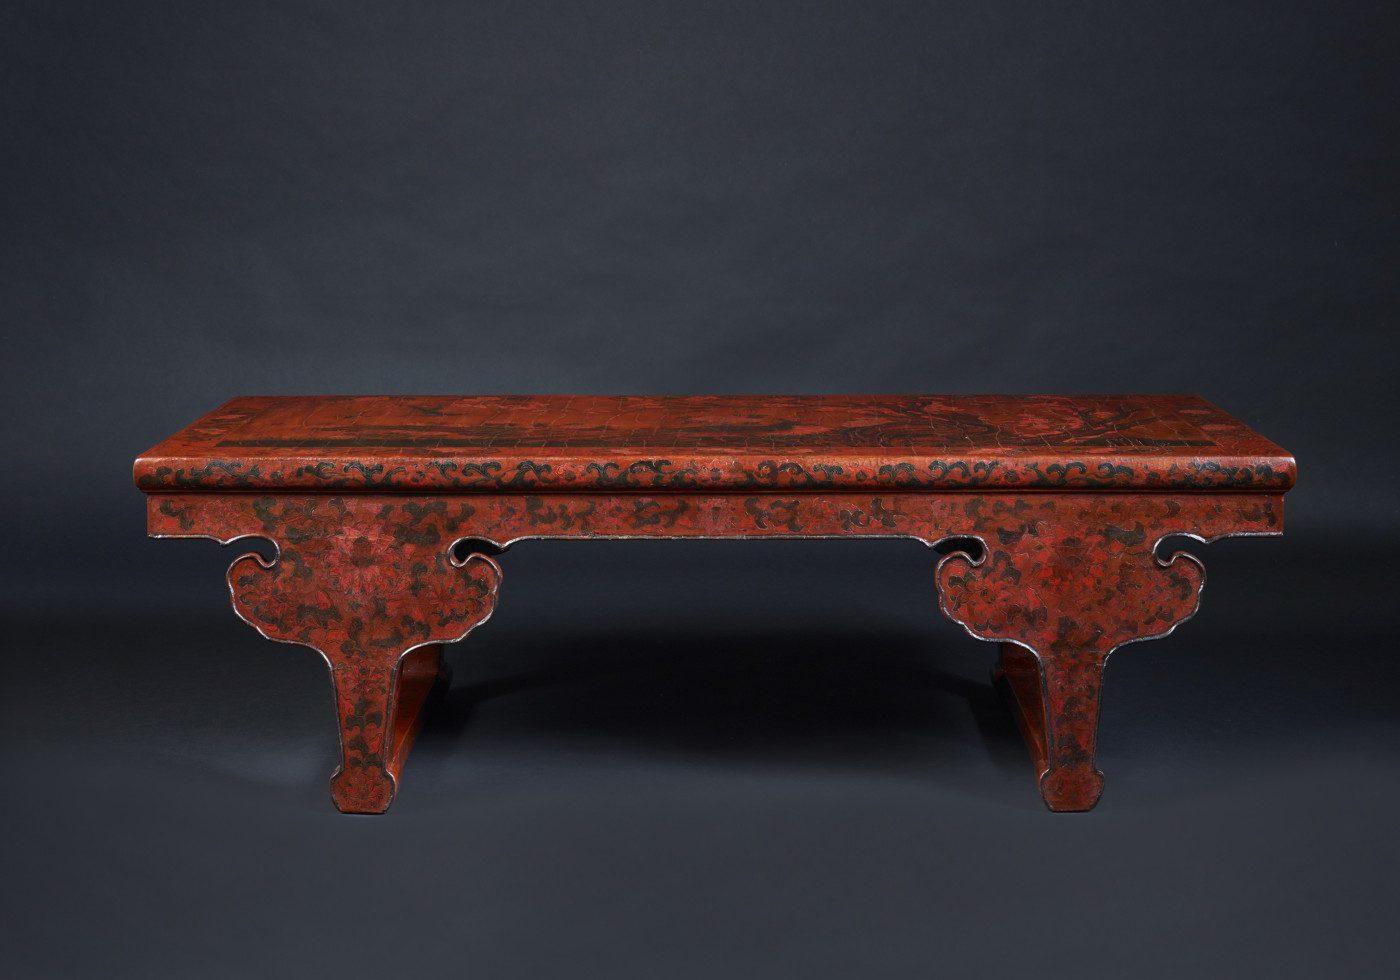 Table de kang en laque gravée ornée d'un faisean